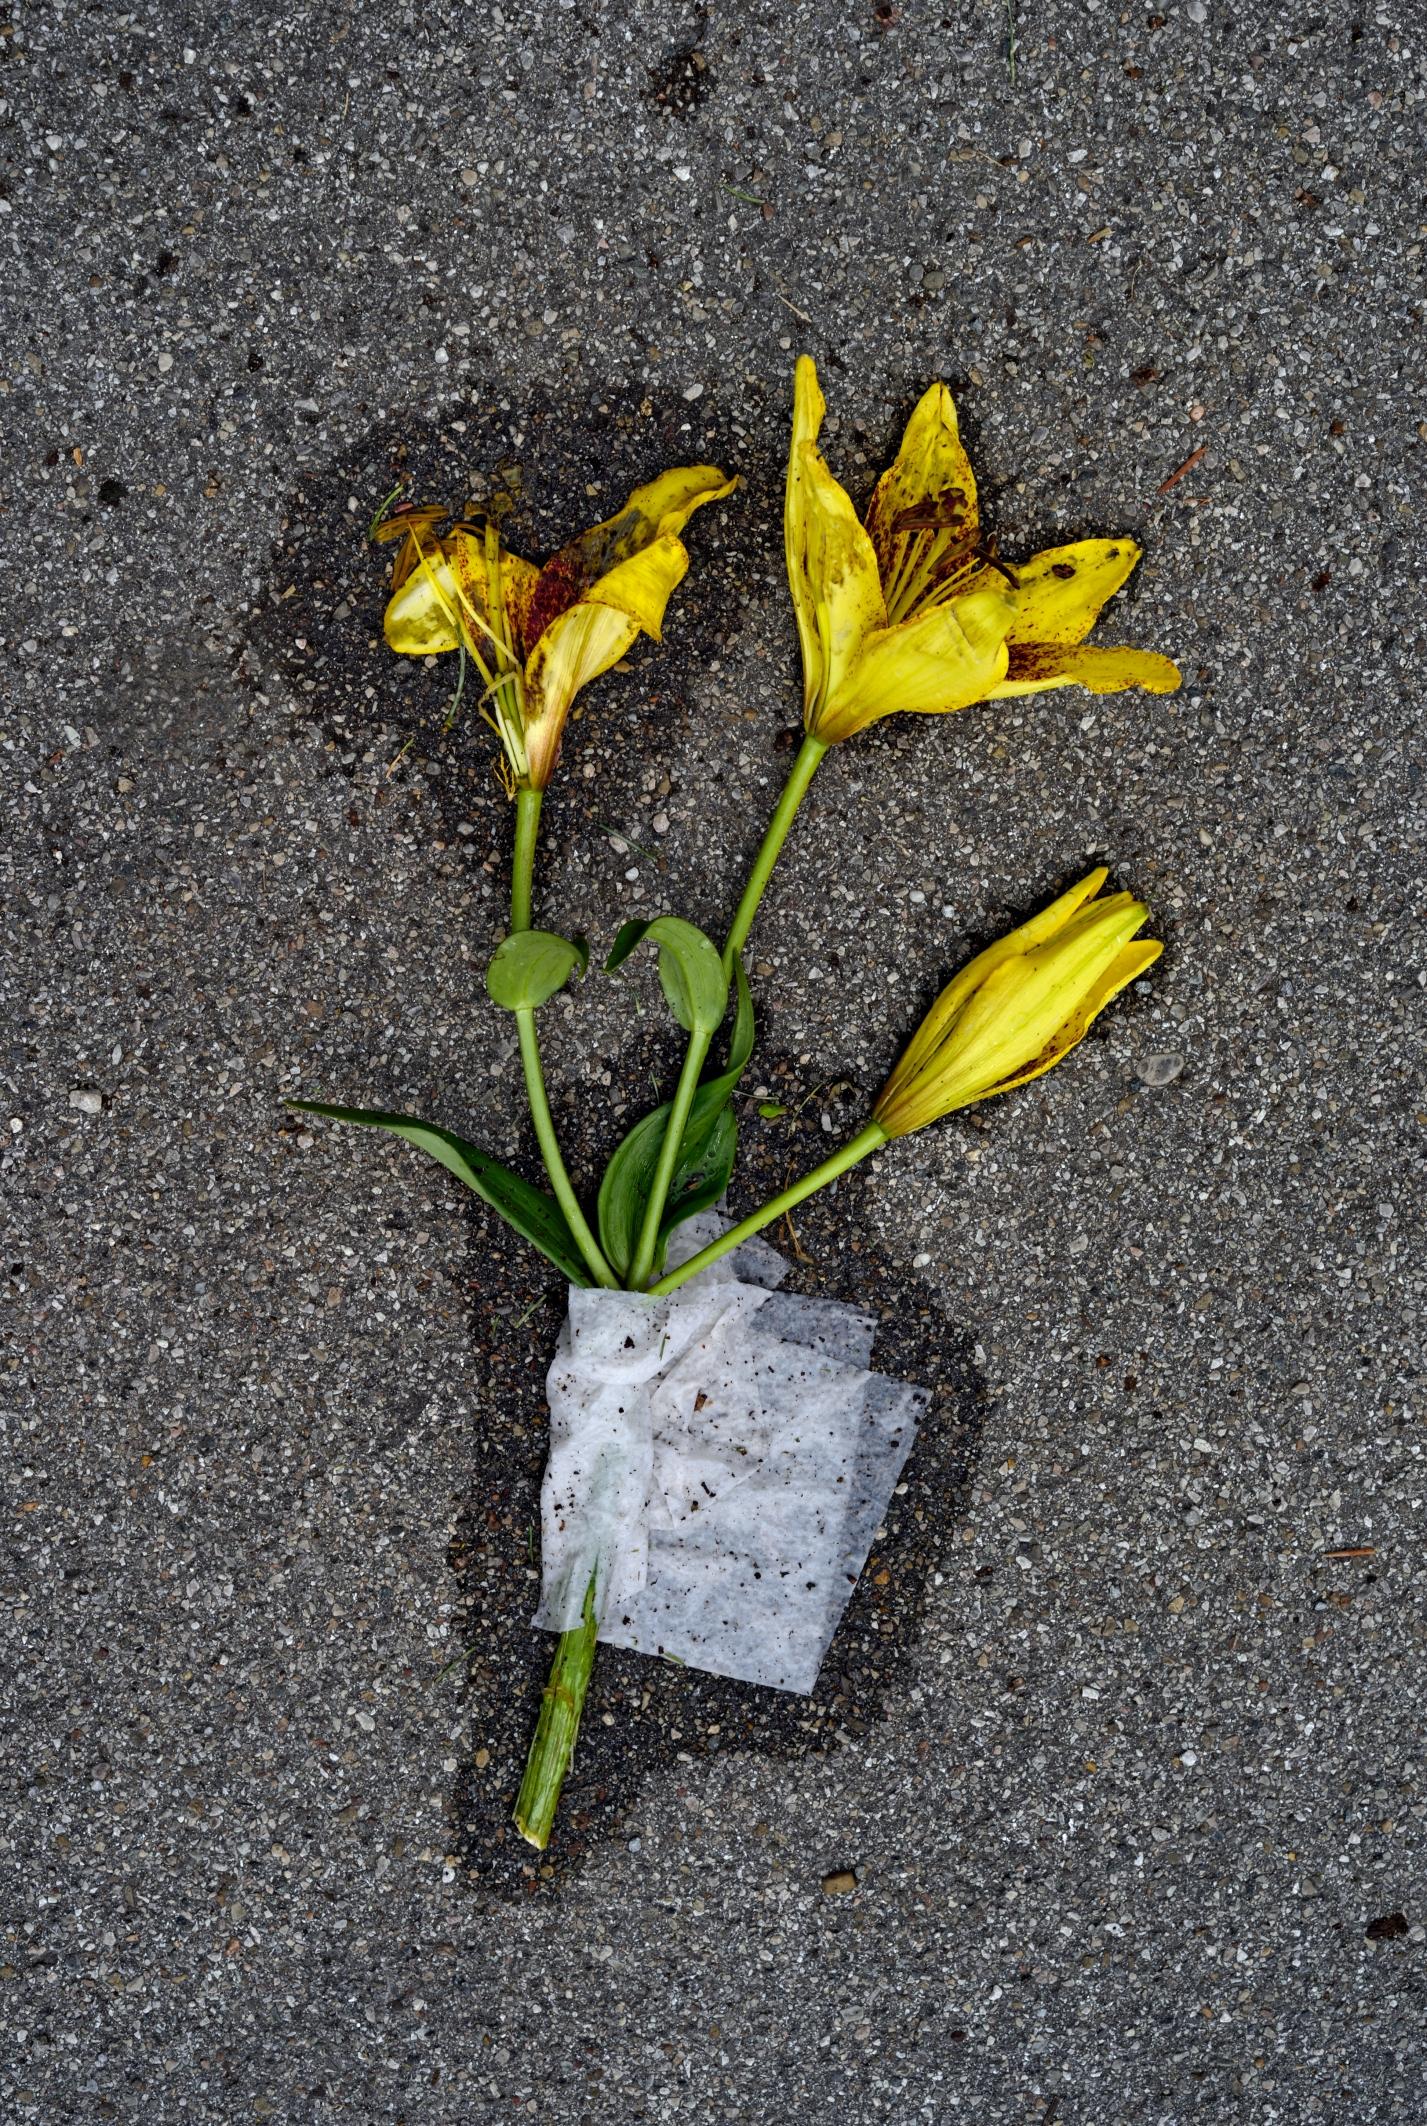 Poesie im öffentlichen Raum, Folge 78. Foto: Volker Derlath